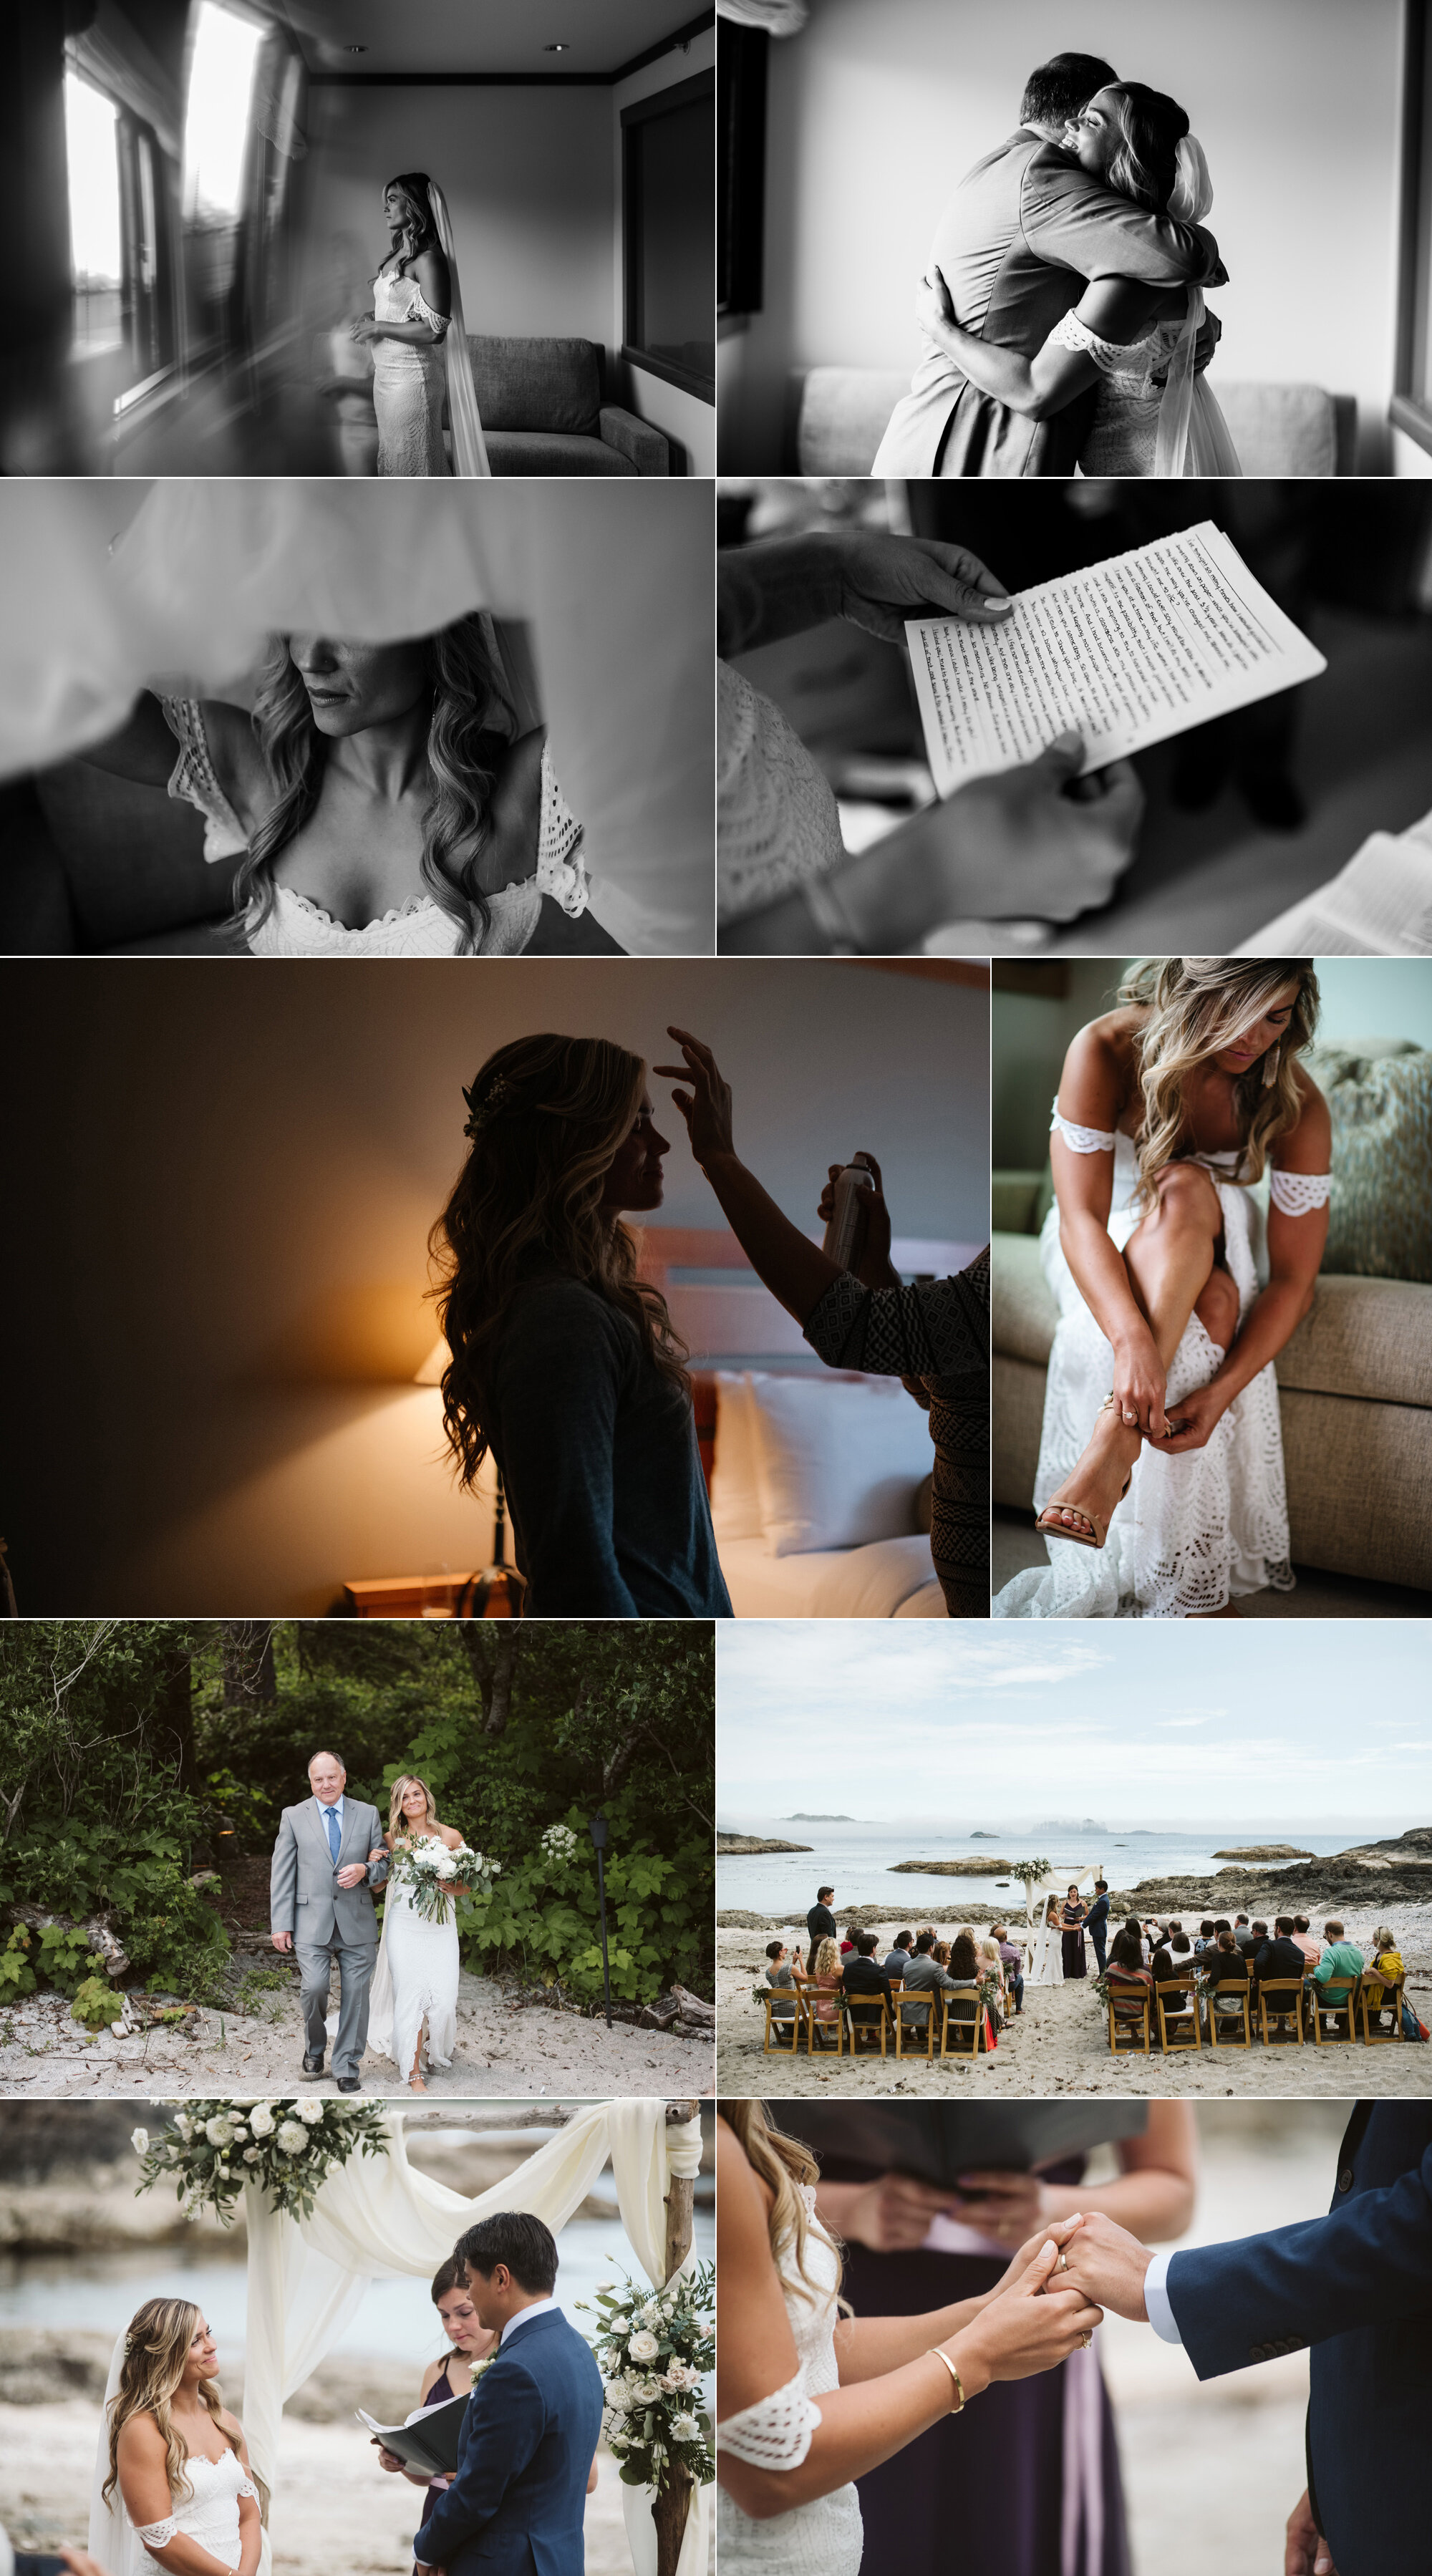 188金宝博线上平台我是个好婚礼的摄影师